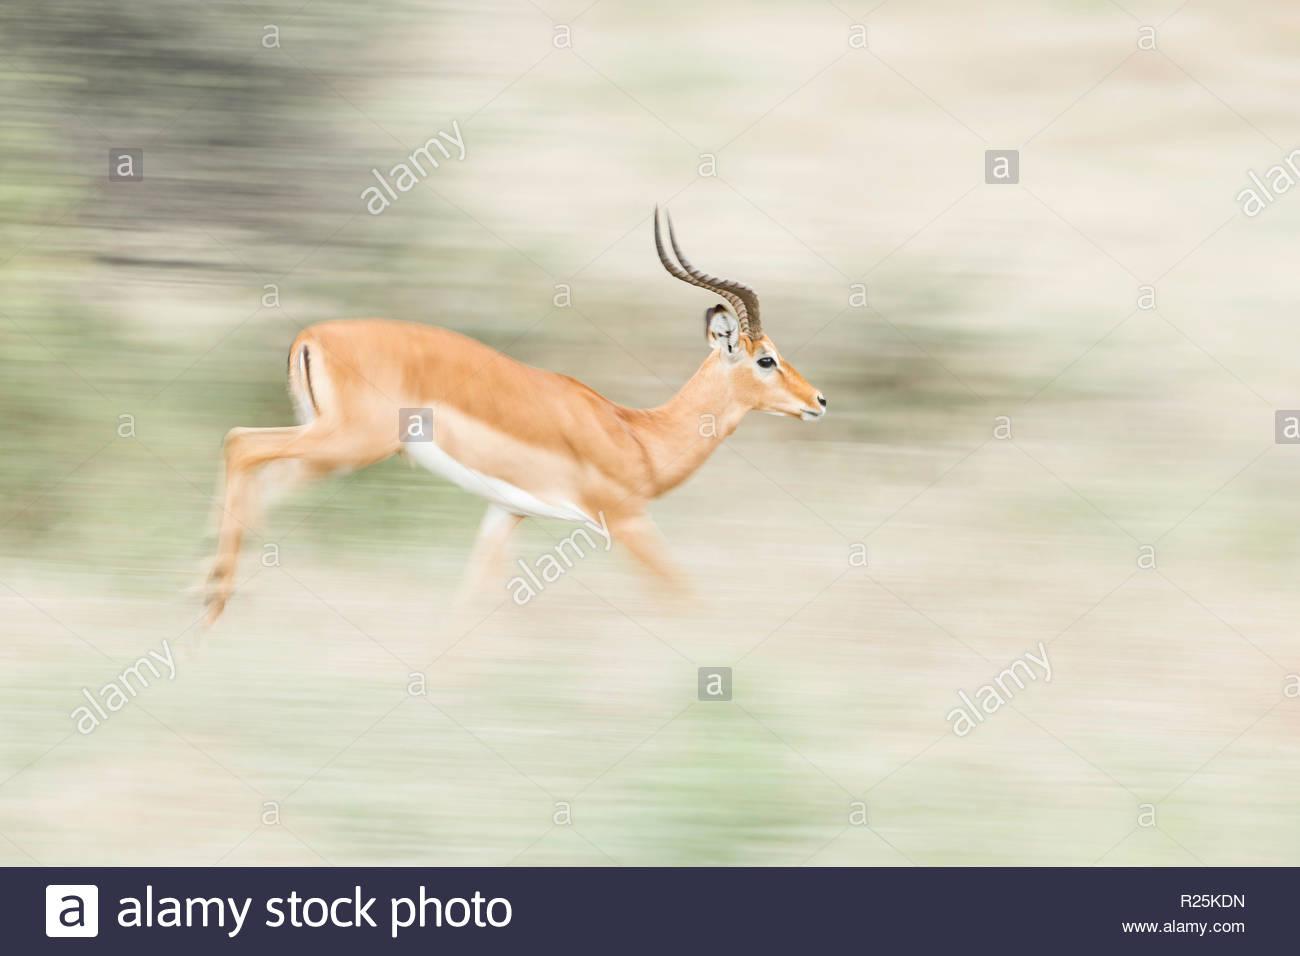 Impala (Aepyceros melampus), Khwai, Botswana, Africa Stock Photo